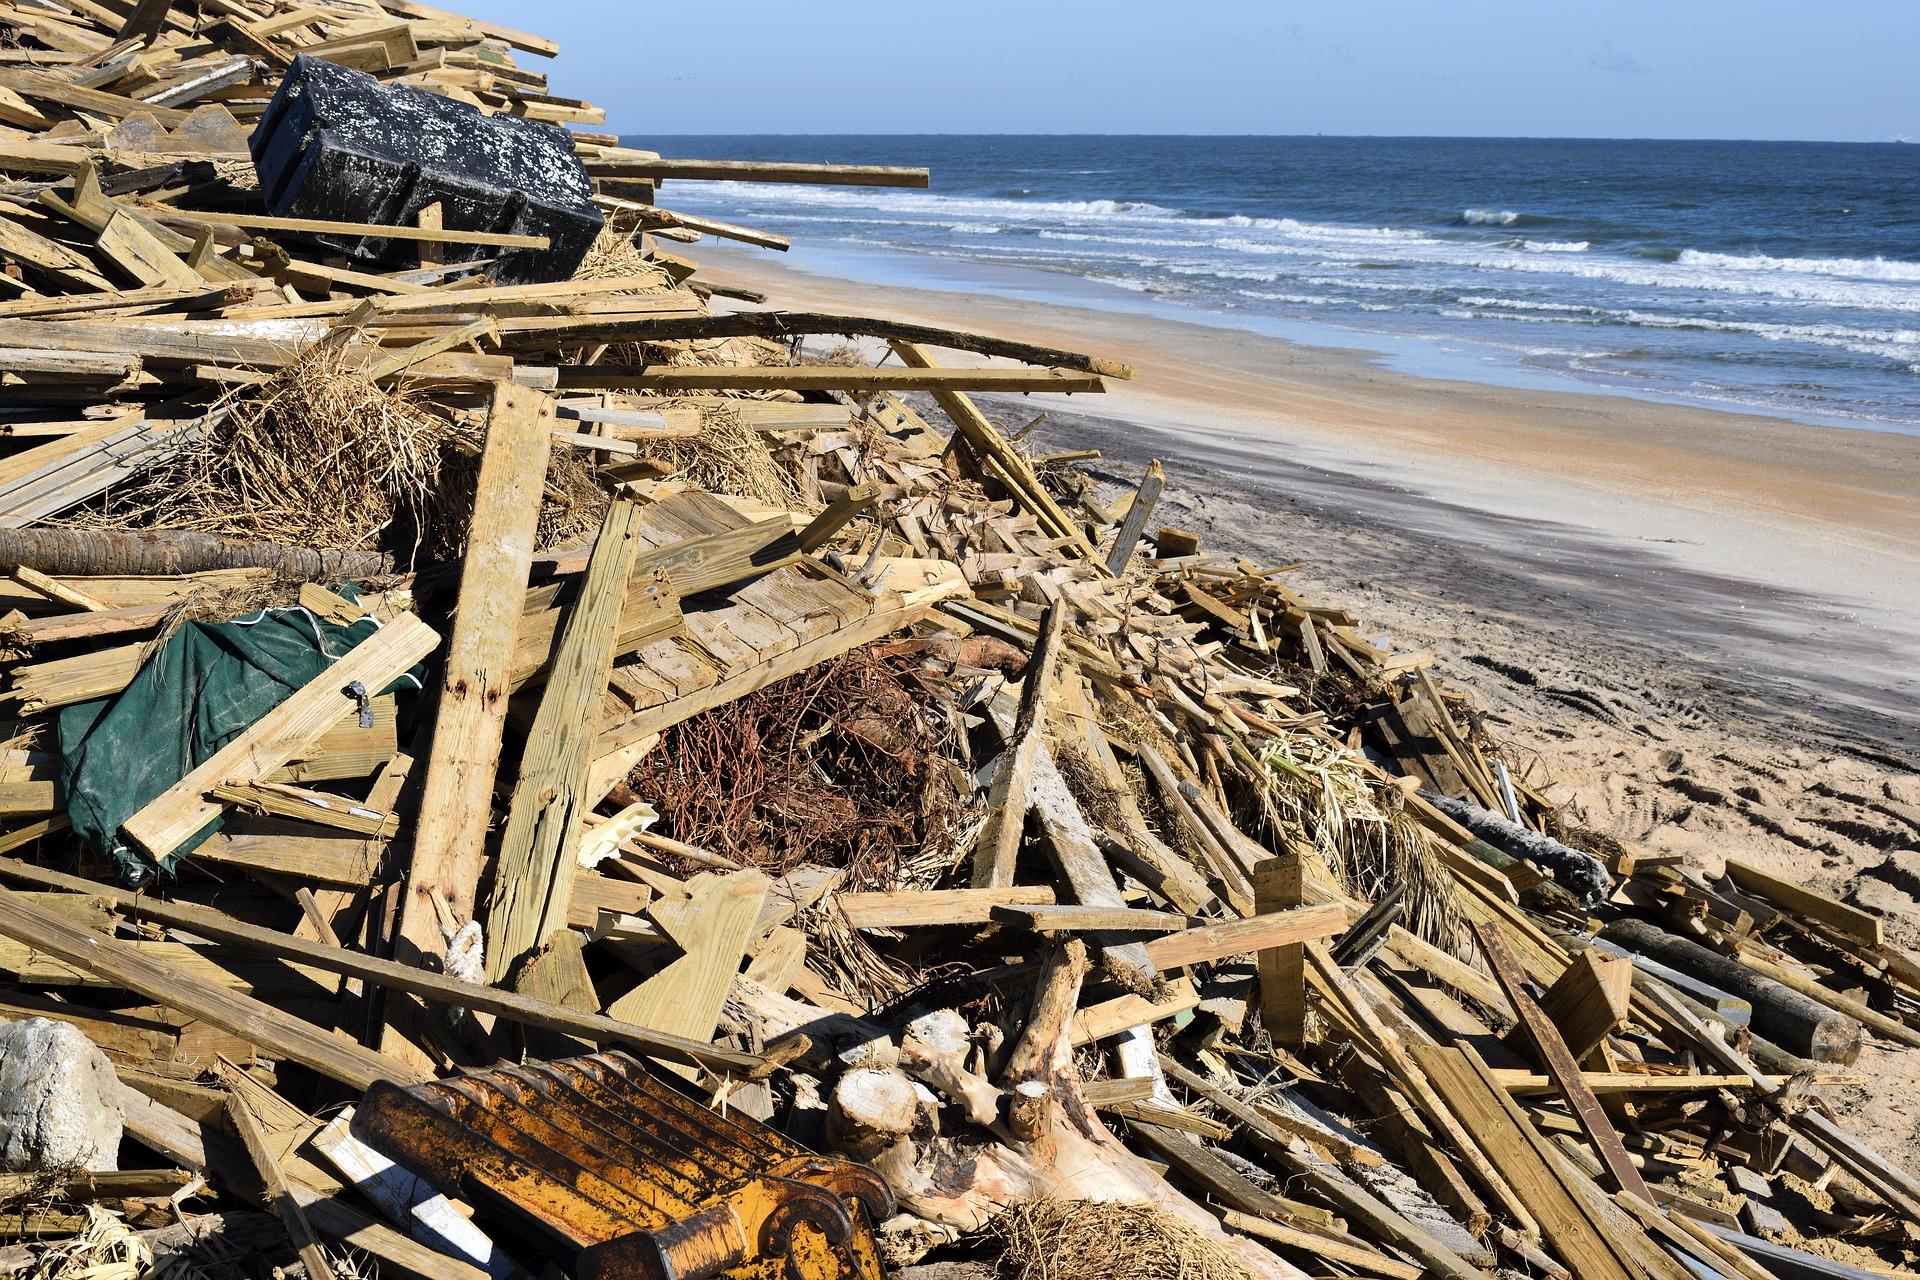 Image of hurricane damaged houses